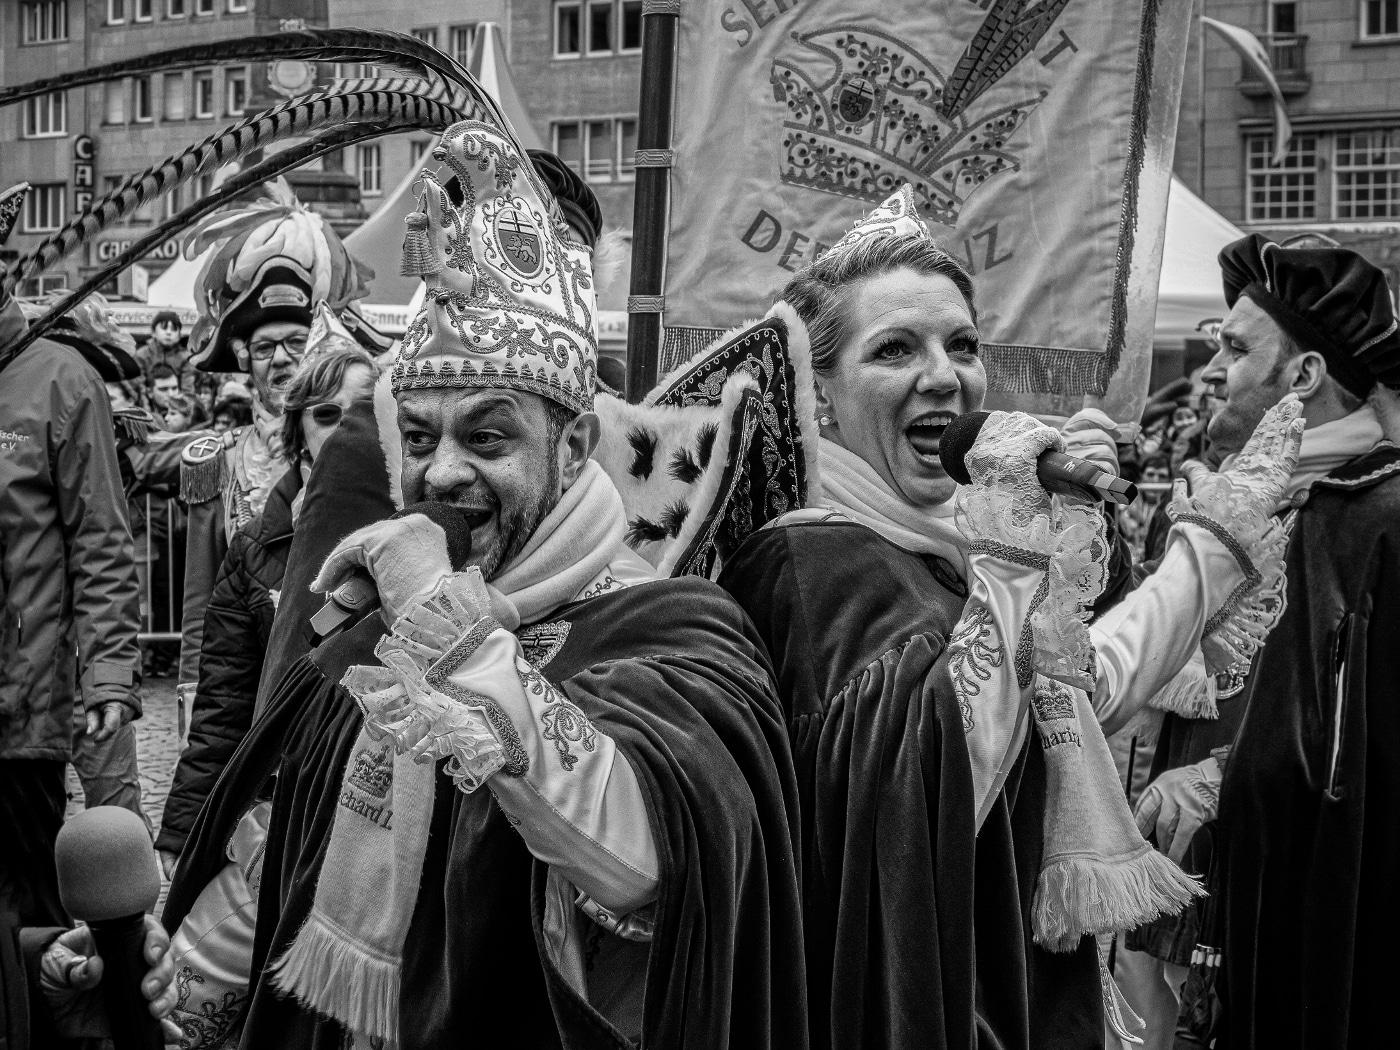 Prinz Richard I. und Bonna Katharina III. | © wolfgang röser | worobo